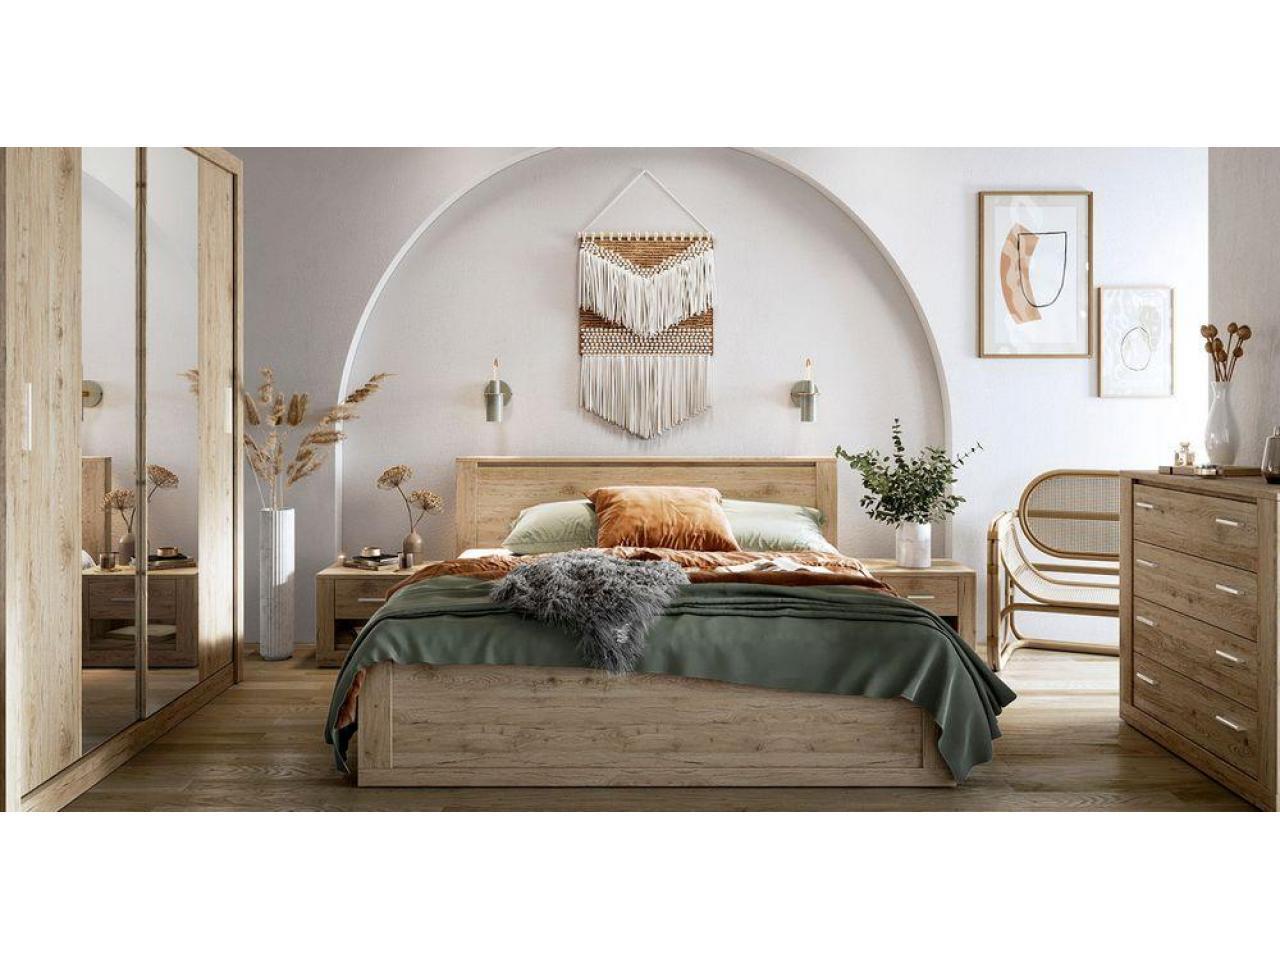 Furnipol -спальни по доступным ценам - 5